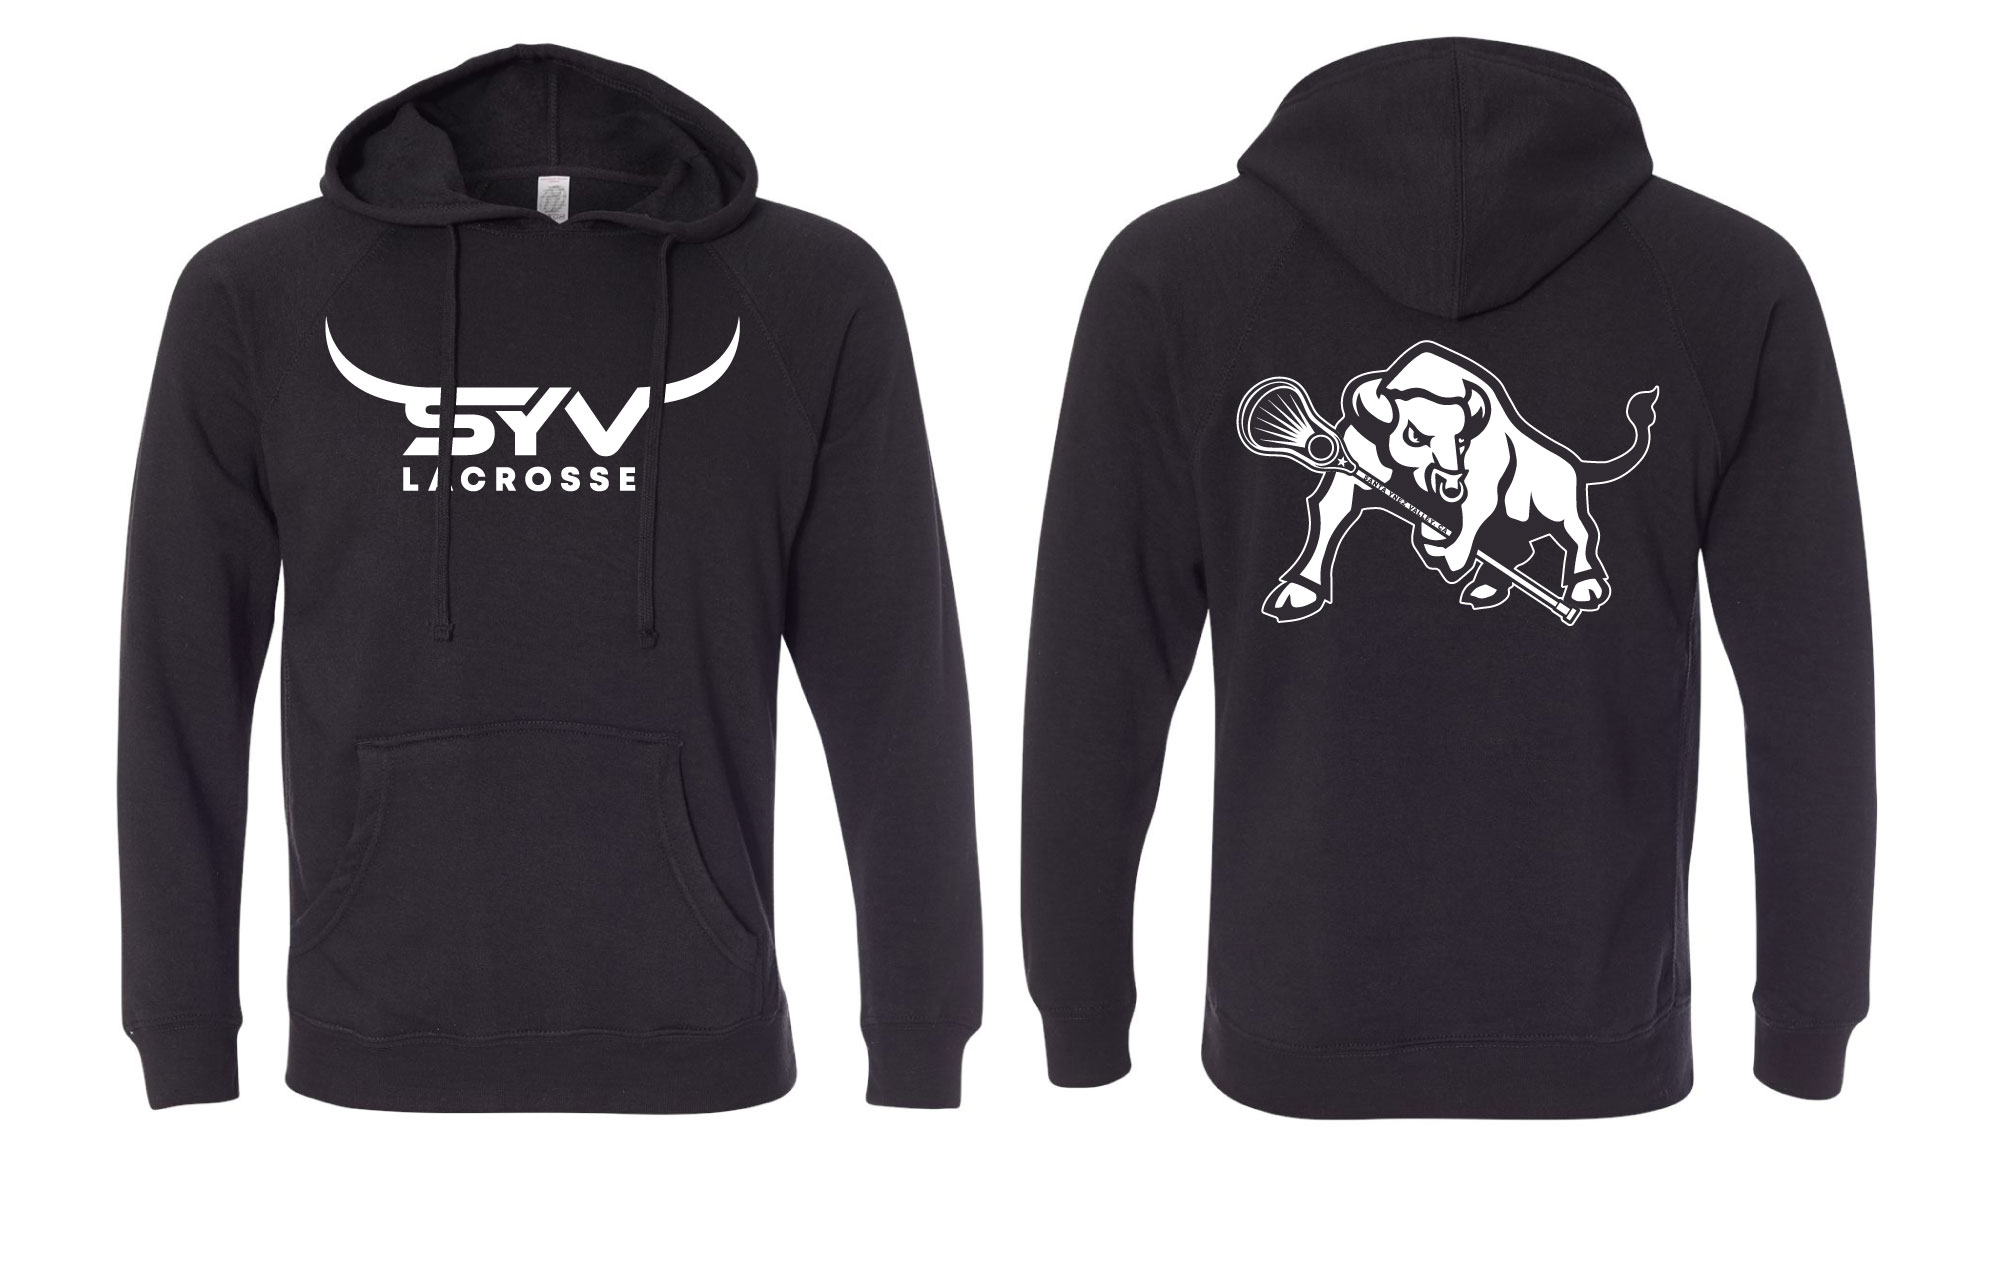 SYV LAX Special Blend Hoodies